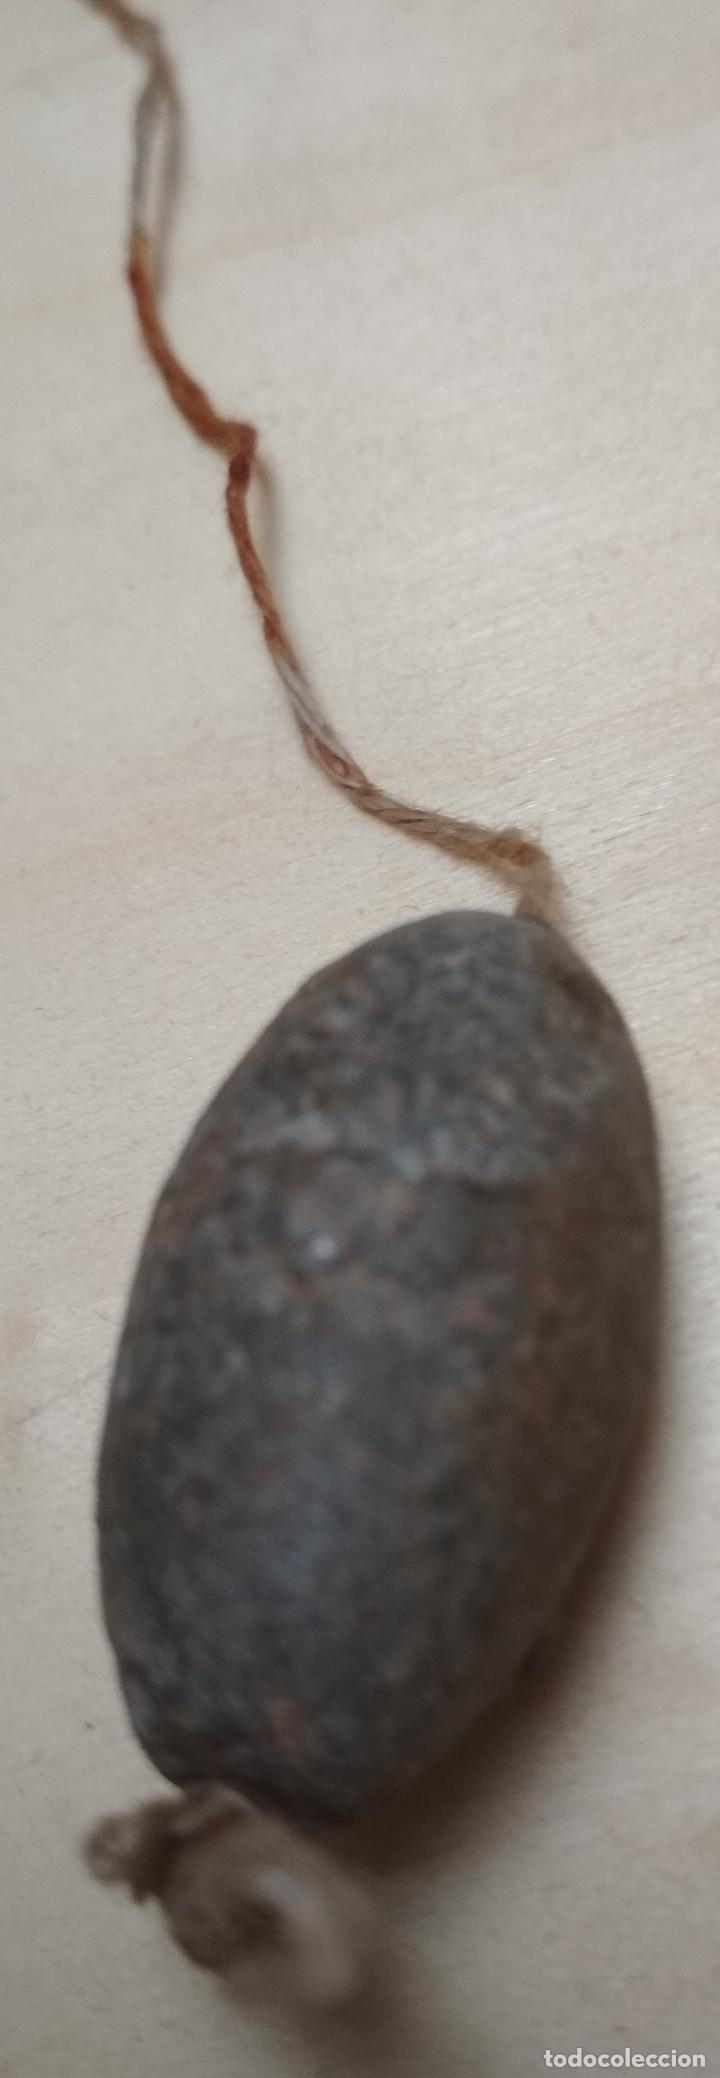 Antigüedades: LOTE DE 3 PLOMADAS PEQUEÑAS ANTIGUAS. Hierro,metal y piedra. - Foto 3 - 174175863